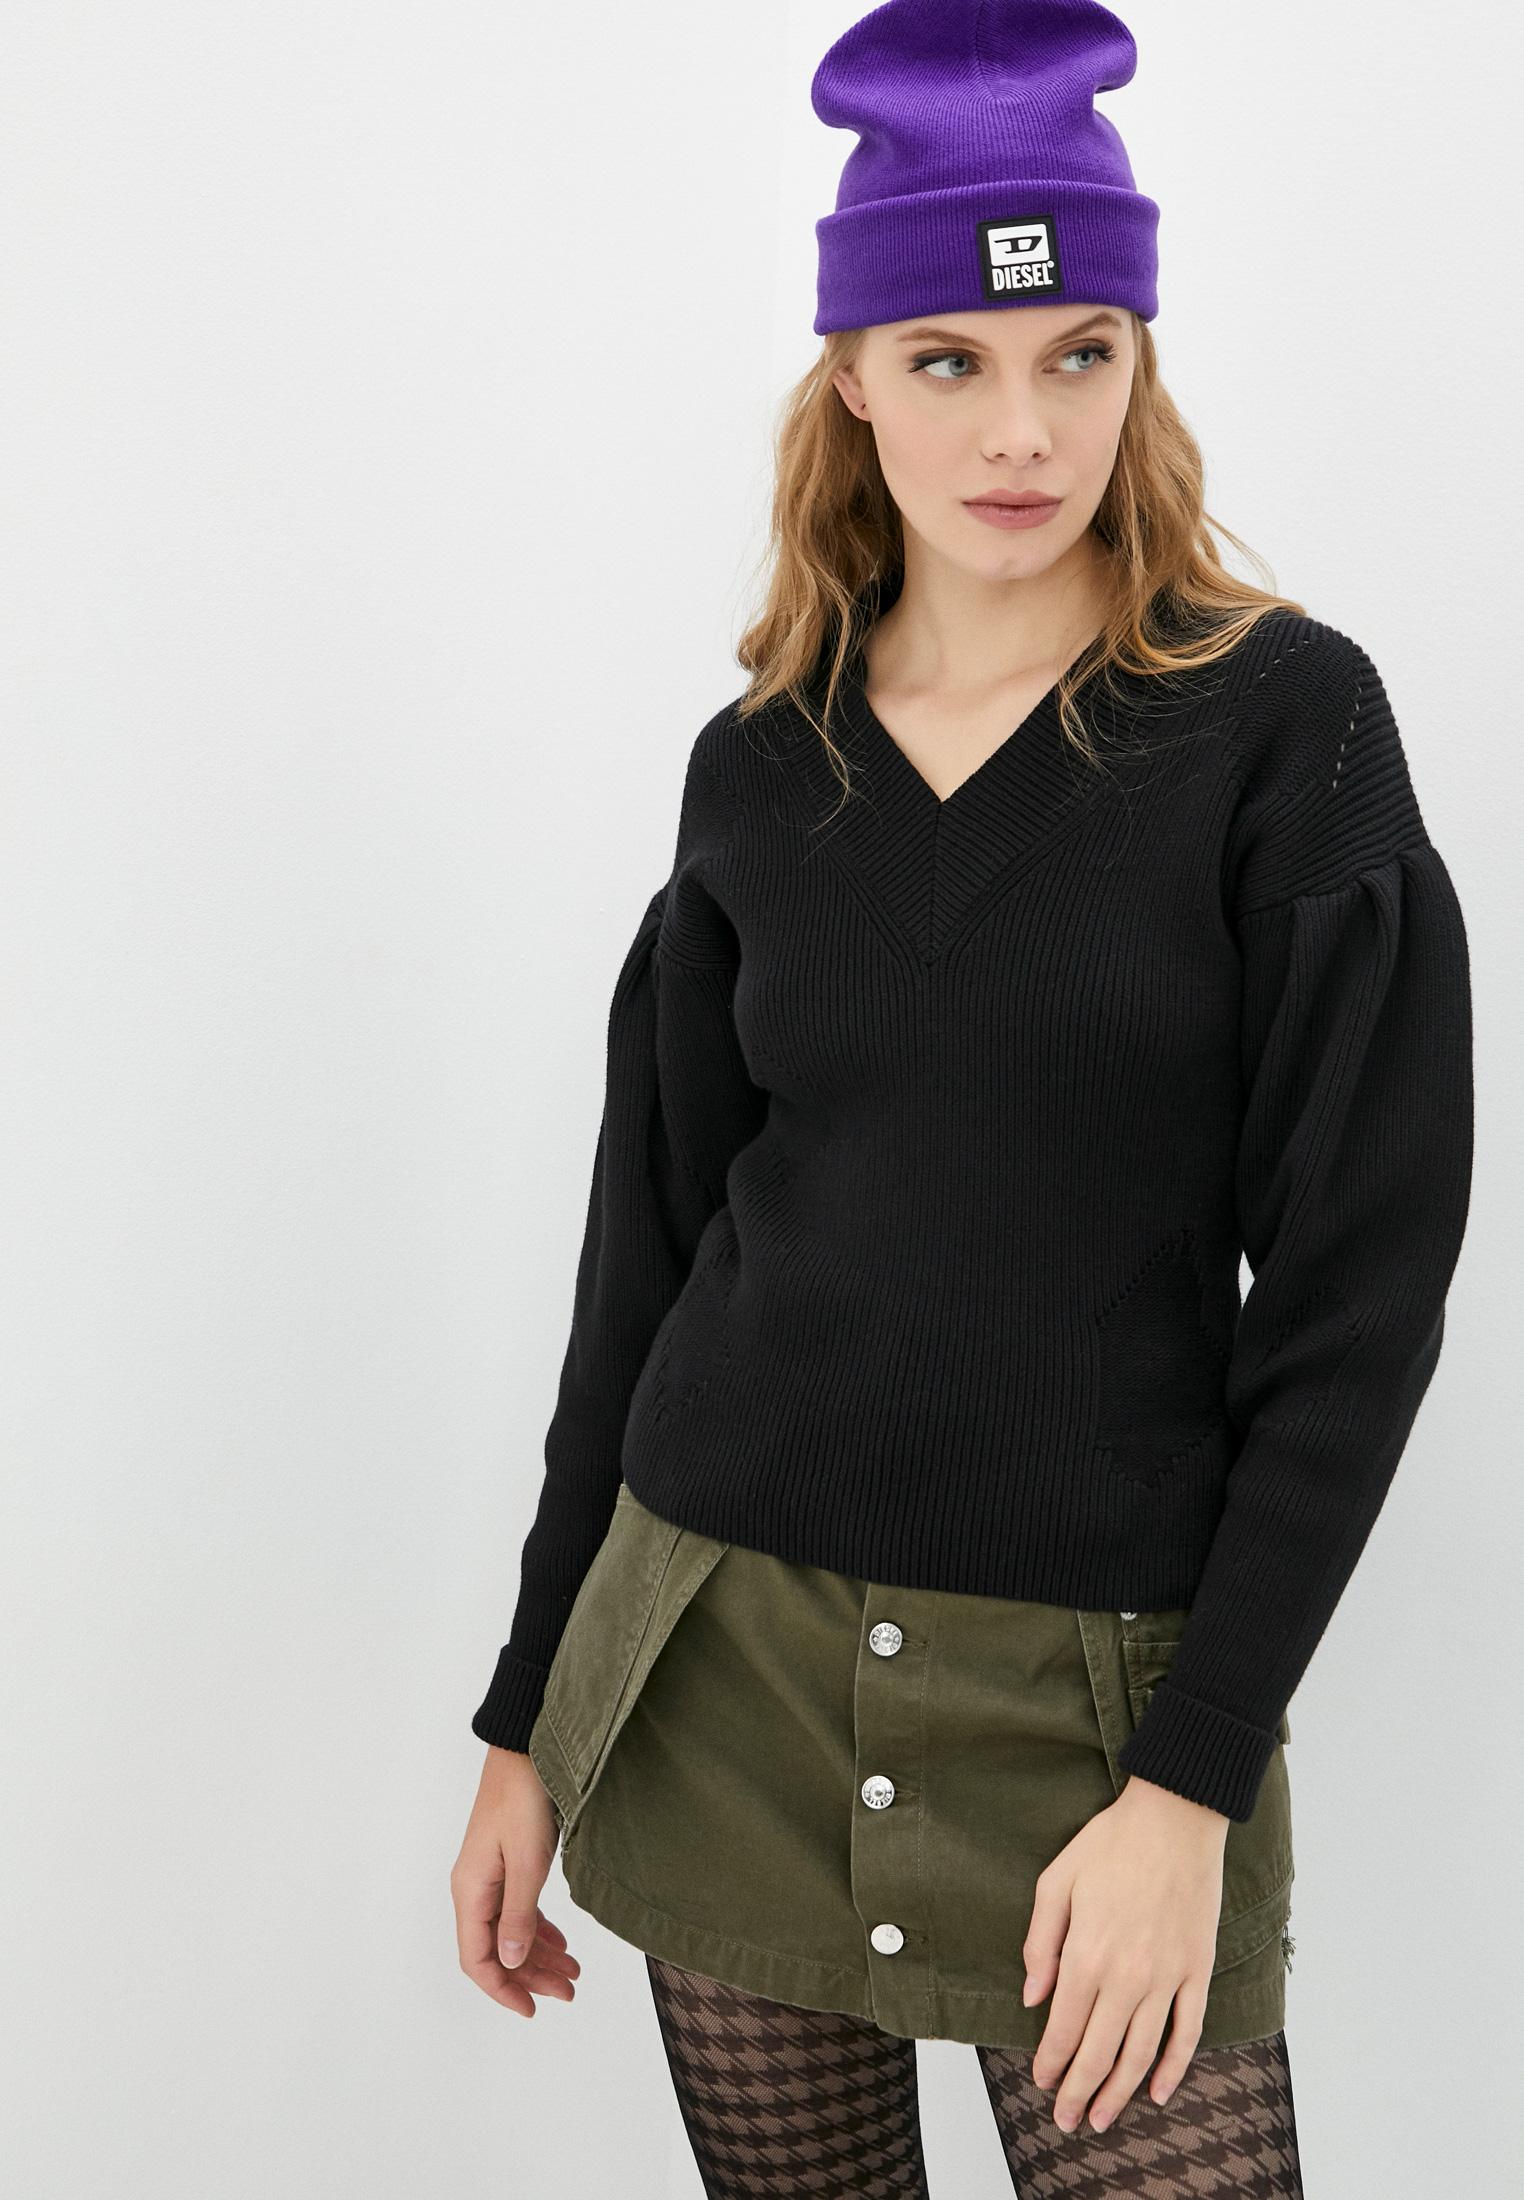 Пуловер Diesel (Дизель) Пуловер Diesel